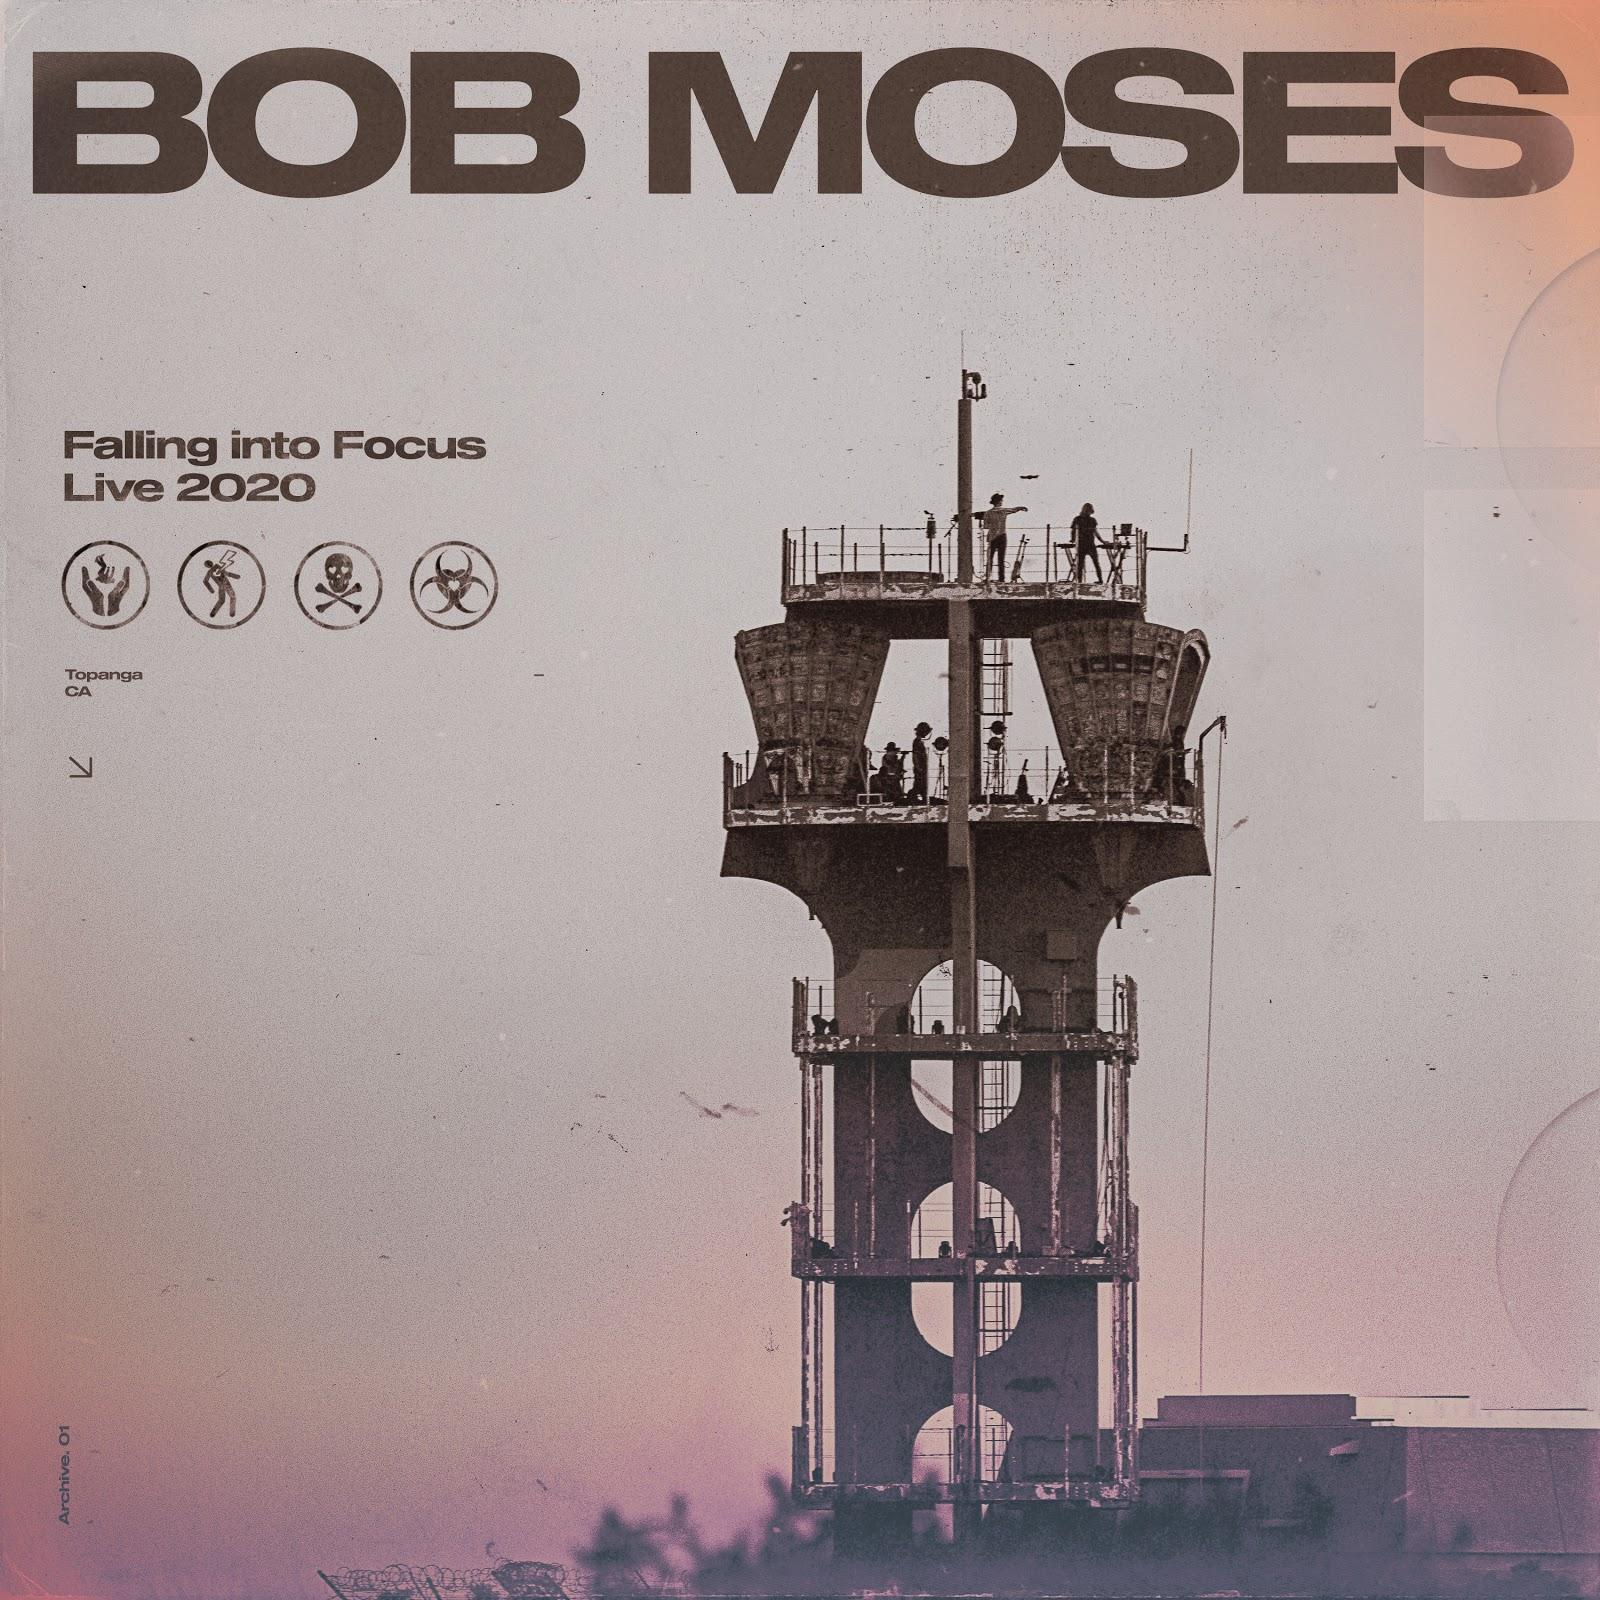 BOB MOSES – FALLING INTO FOCUS – LIVE 2020 – ALBUM COVER